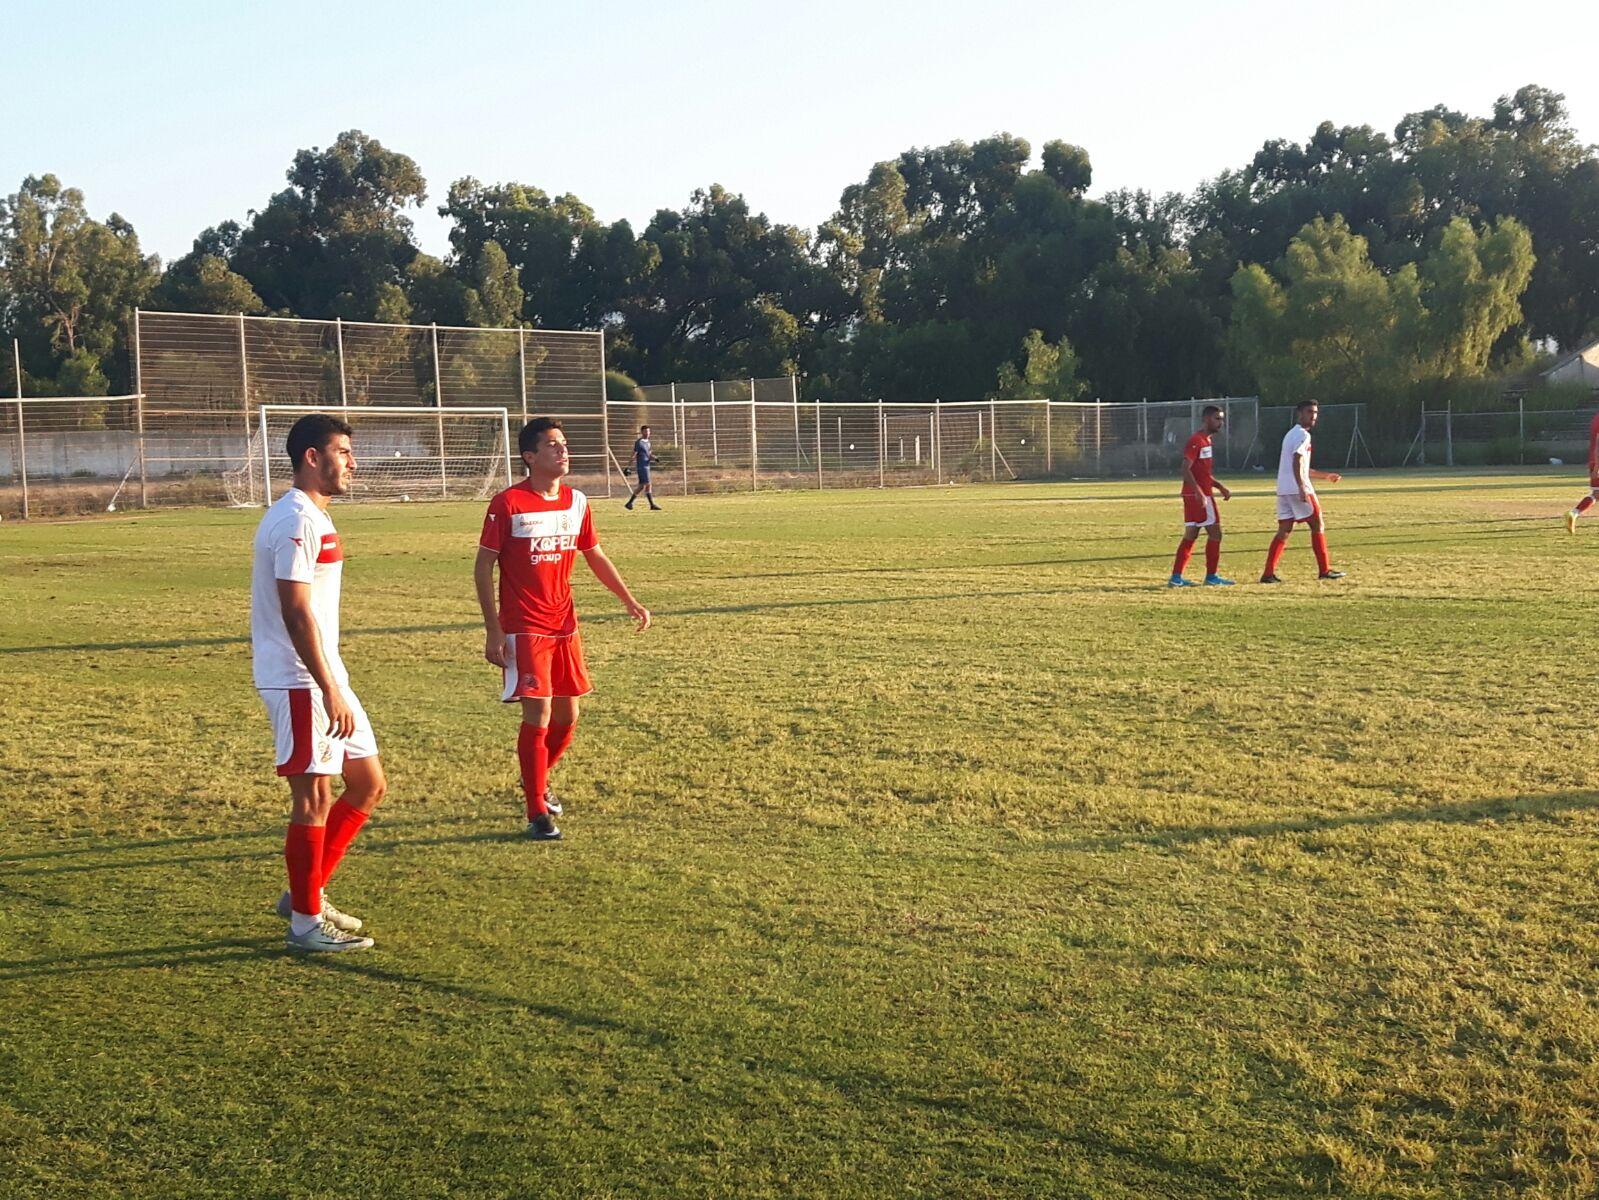 הפועל חיפה גברה היום במשחק אימון על קבוצת הנוער בתוצאה 1:6